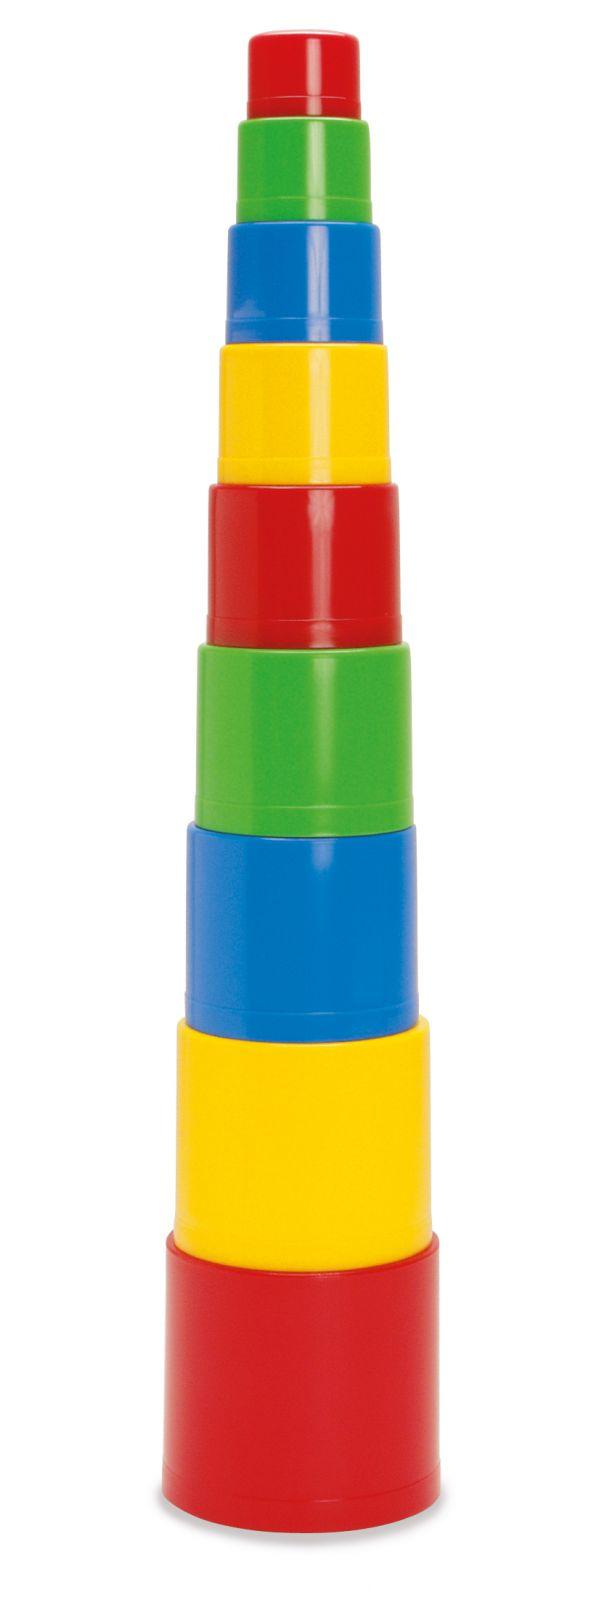 Věž 9ks Dantoy